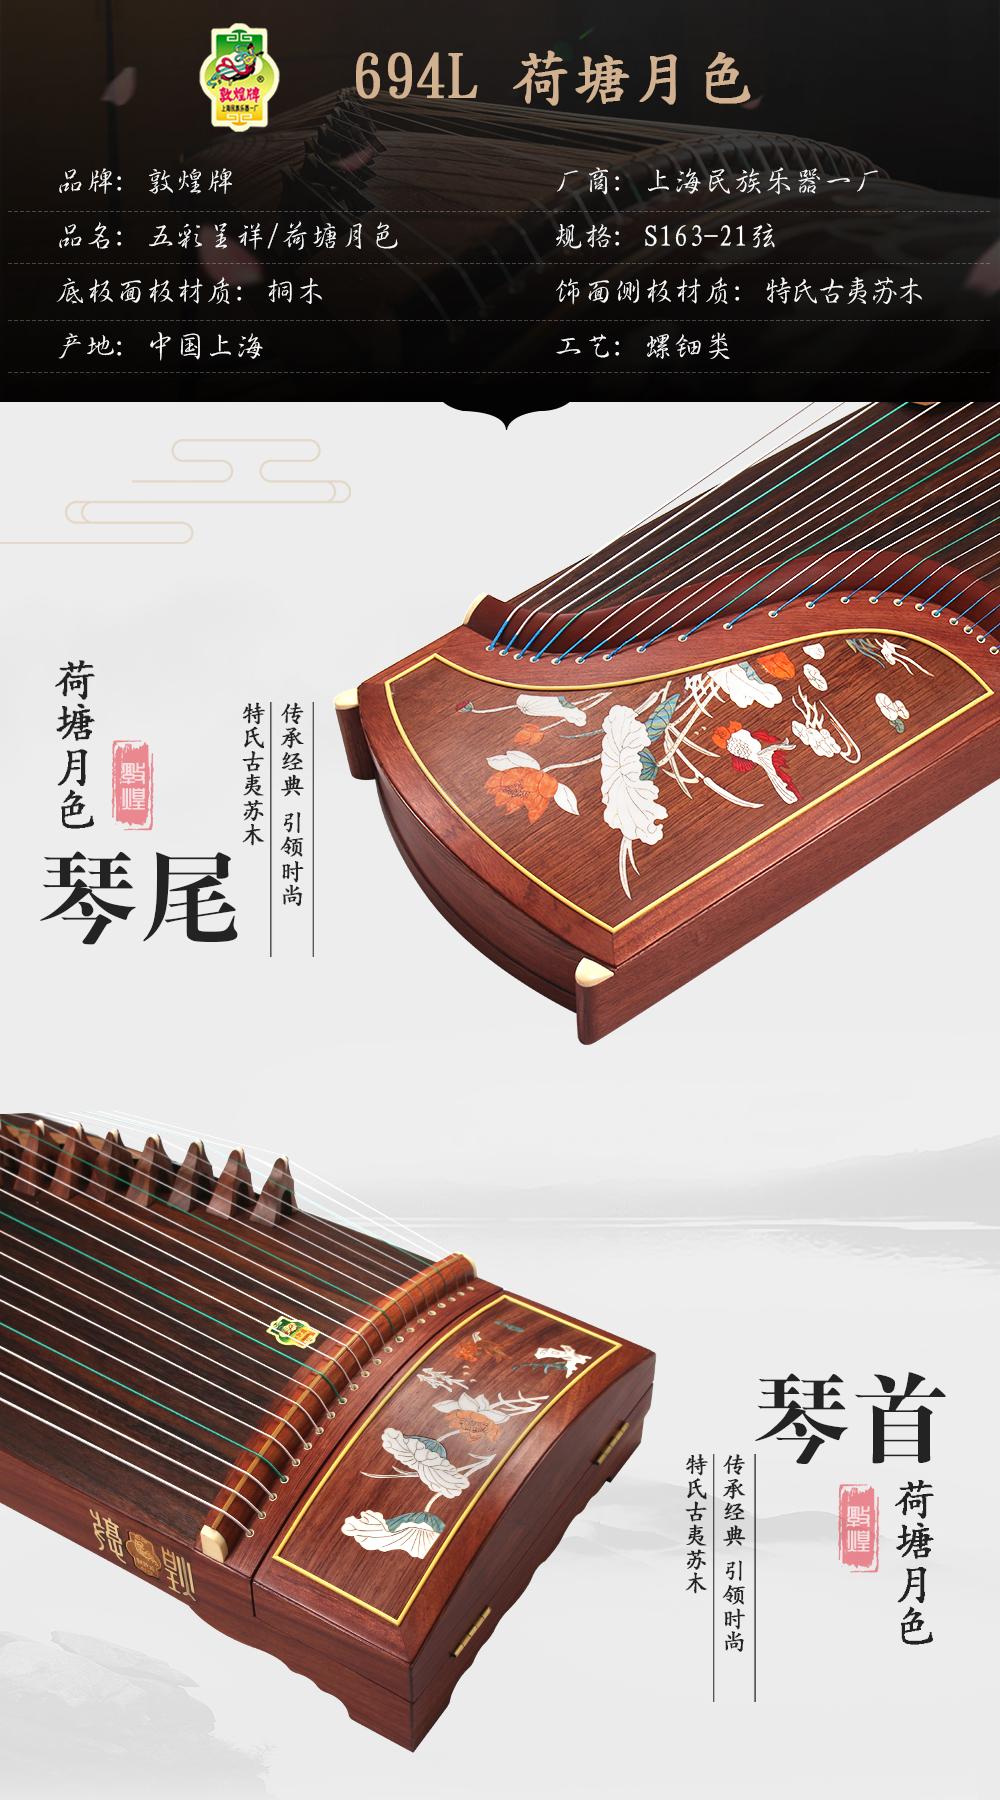 湖南敦煌古筝696M_初学者买弹拨类乐器批发价格-河南欧乐乐器批发有限公司